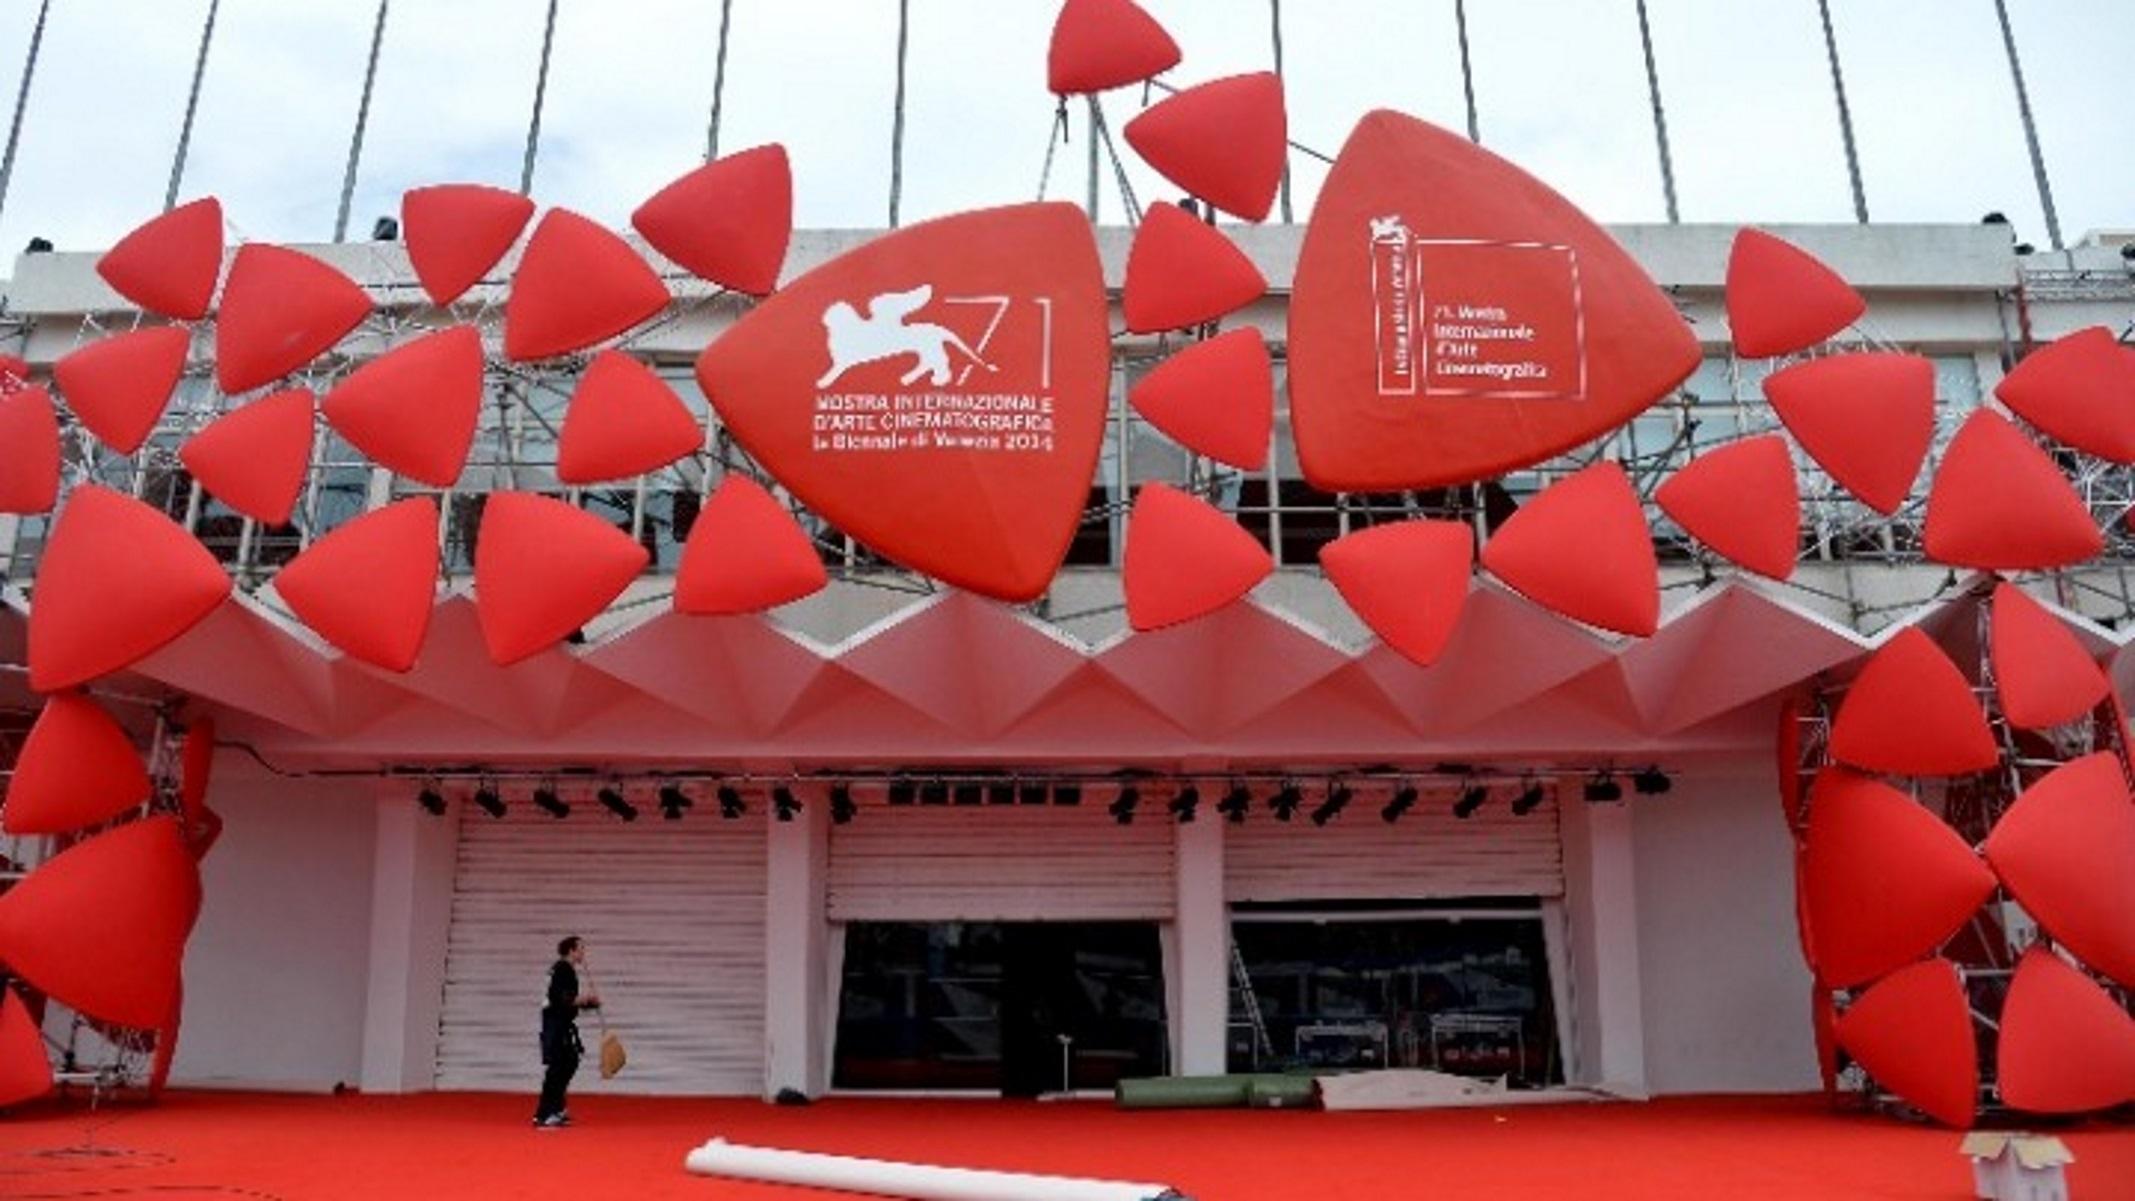 Φεστιβάλ Βενετίας: Ο Χρυσός Λέοντας στη γαλλική ταινία L'evenement